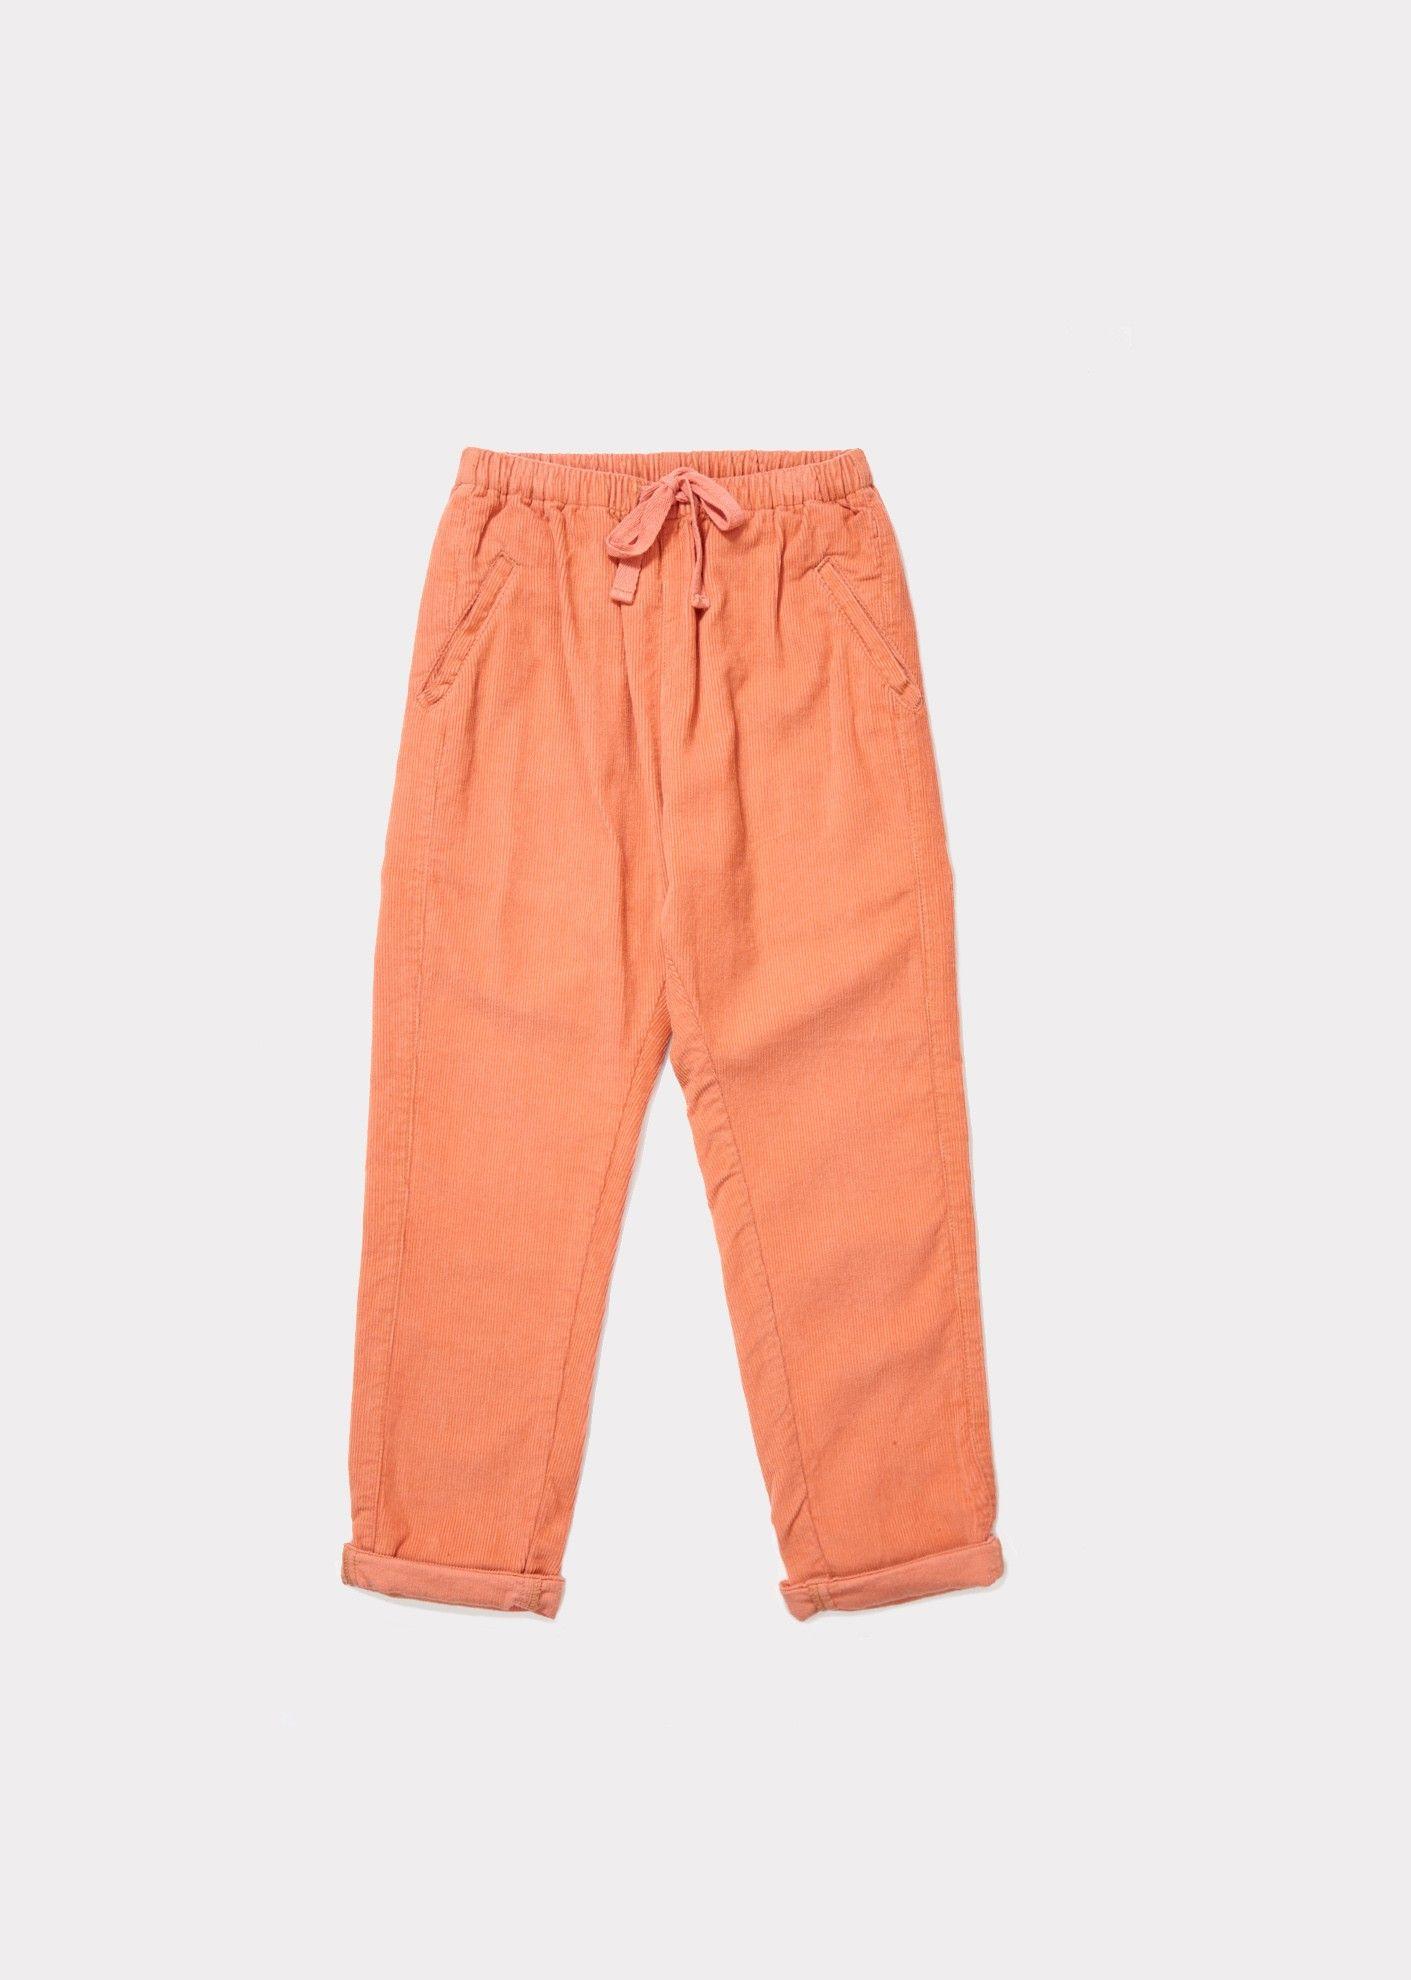 63c8d5d38bd Preston Trouser, Peach   bottoms   Trousers, Pants, Peach